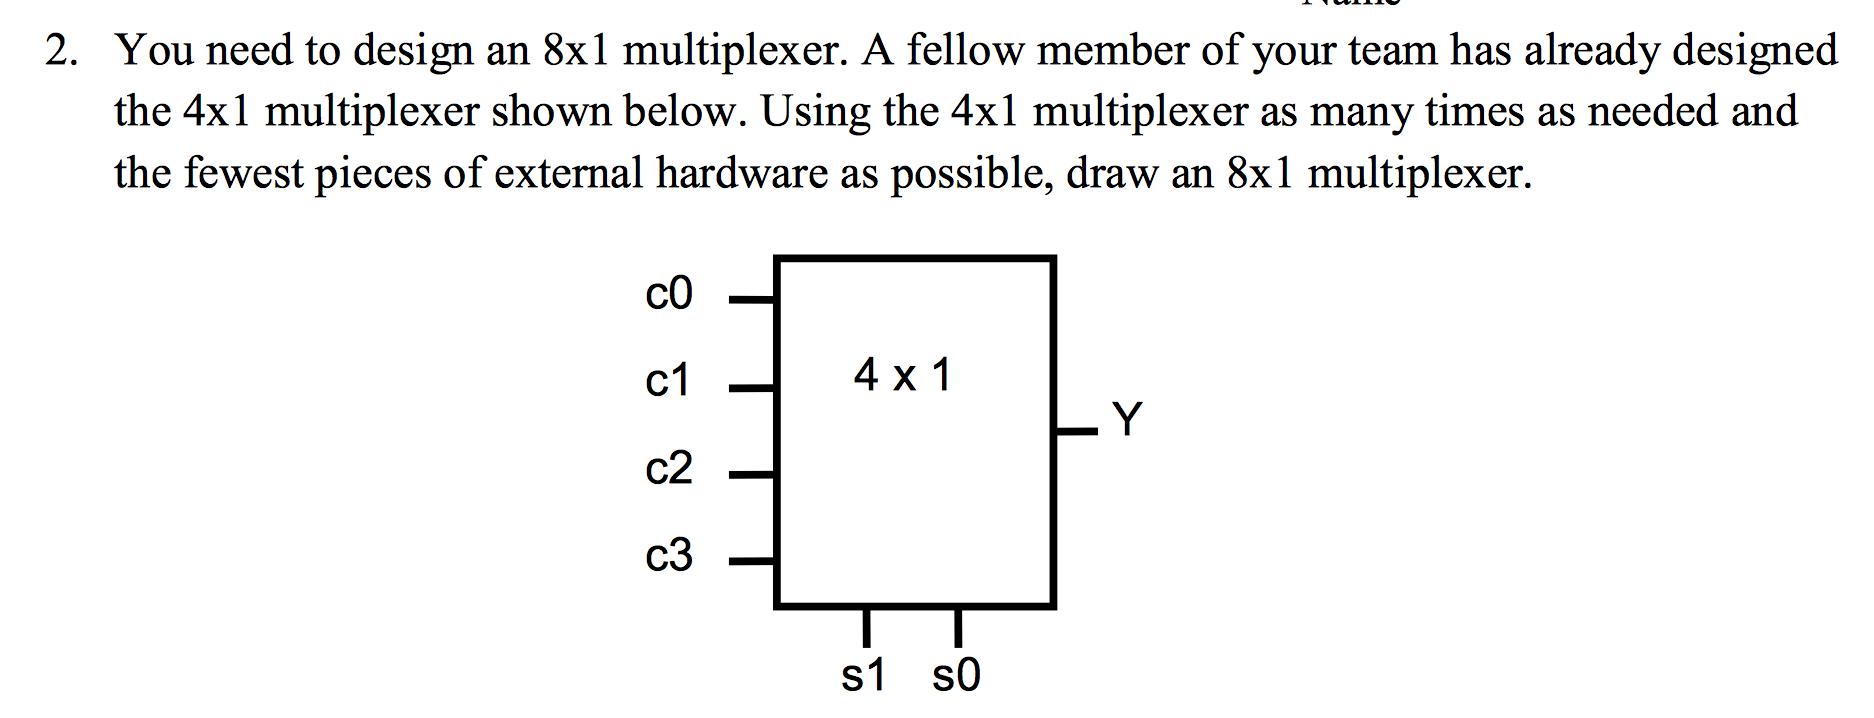 2 You Need To Design An 8x1 Multiplexer A Fellow